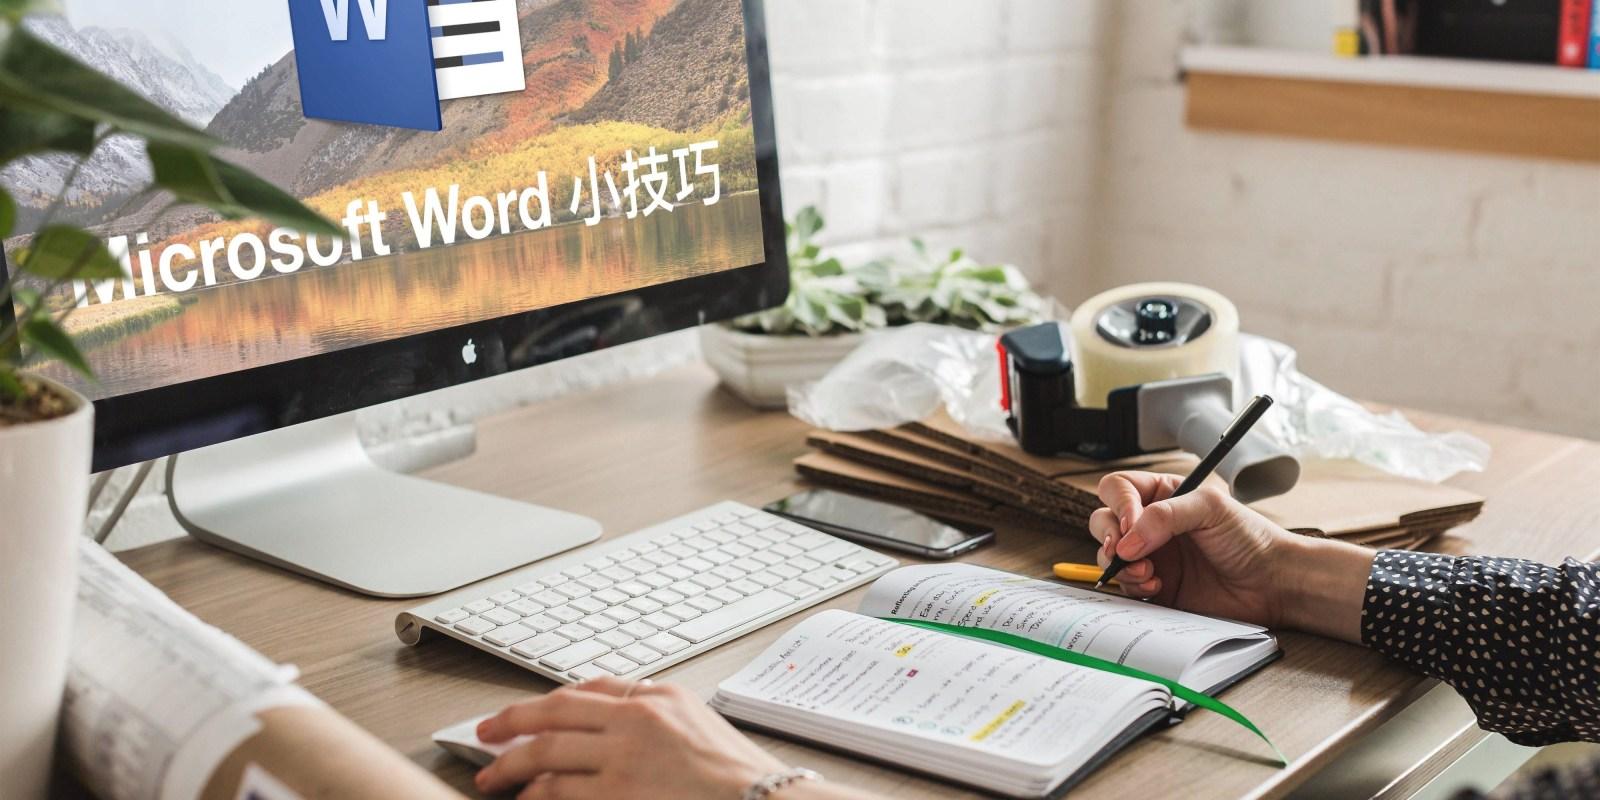 「教學」Office 工作坊 - Microsoft Word 好用工具小技巧